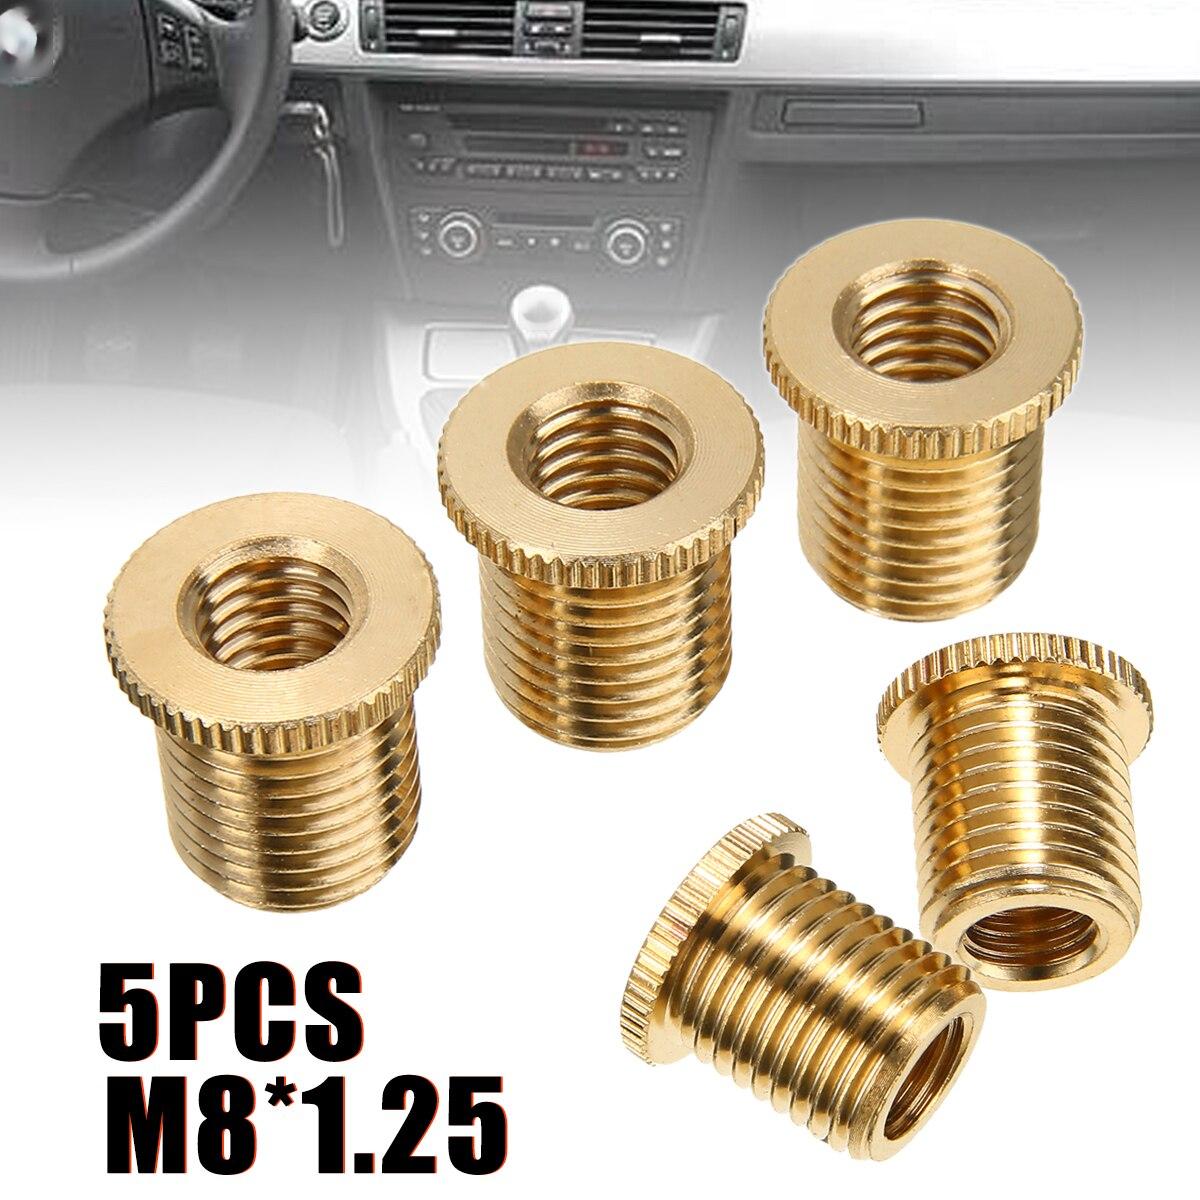 [해외]5pcs M8x1.25 Gear Shift Knob Thread Adapter Nuts Inserts Aluminum Alloy Car Auto Accessories/5pcs M8x1.25 Gear Shift Knob Thread Adapter Nuts Inse